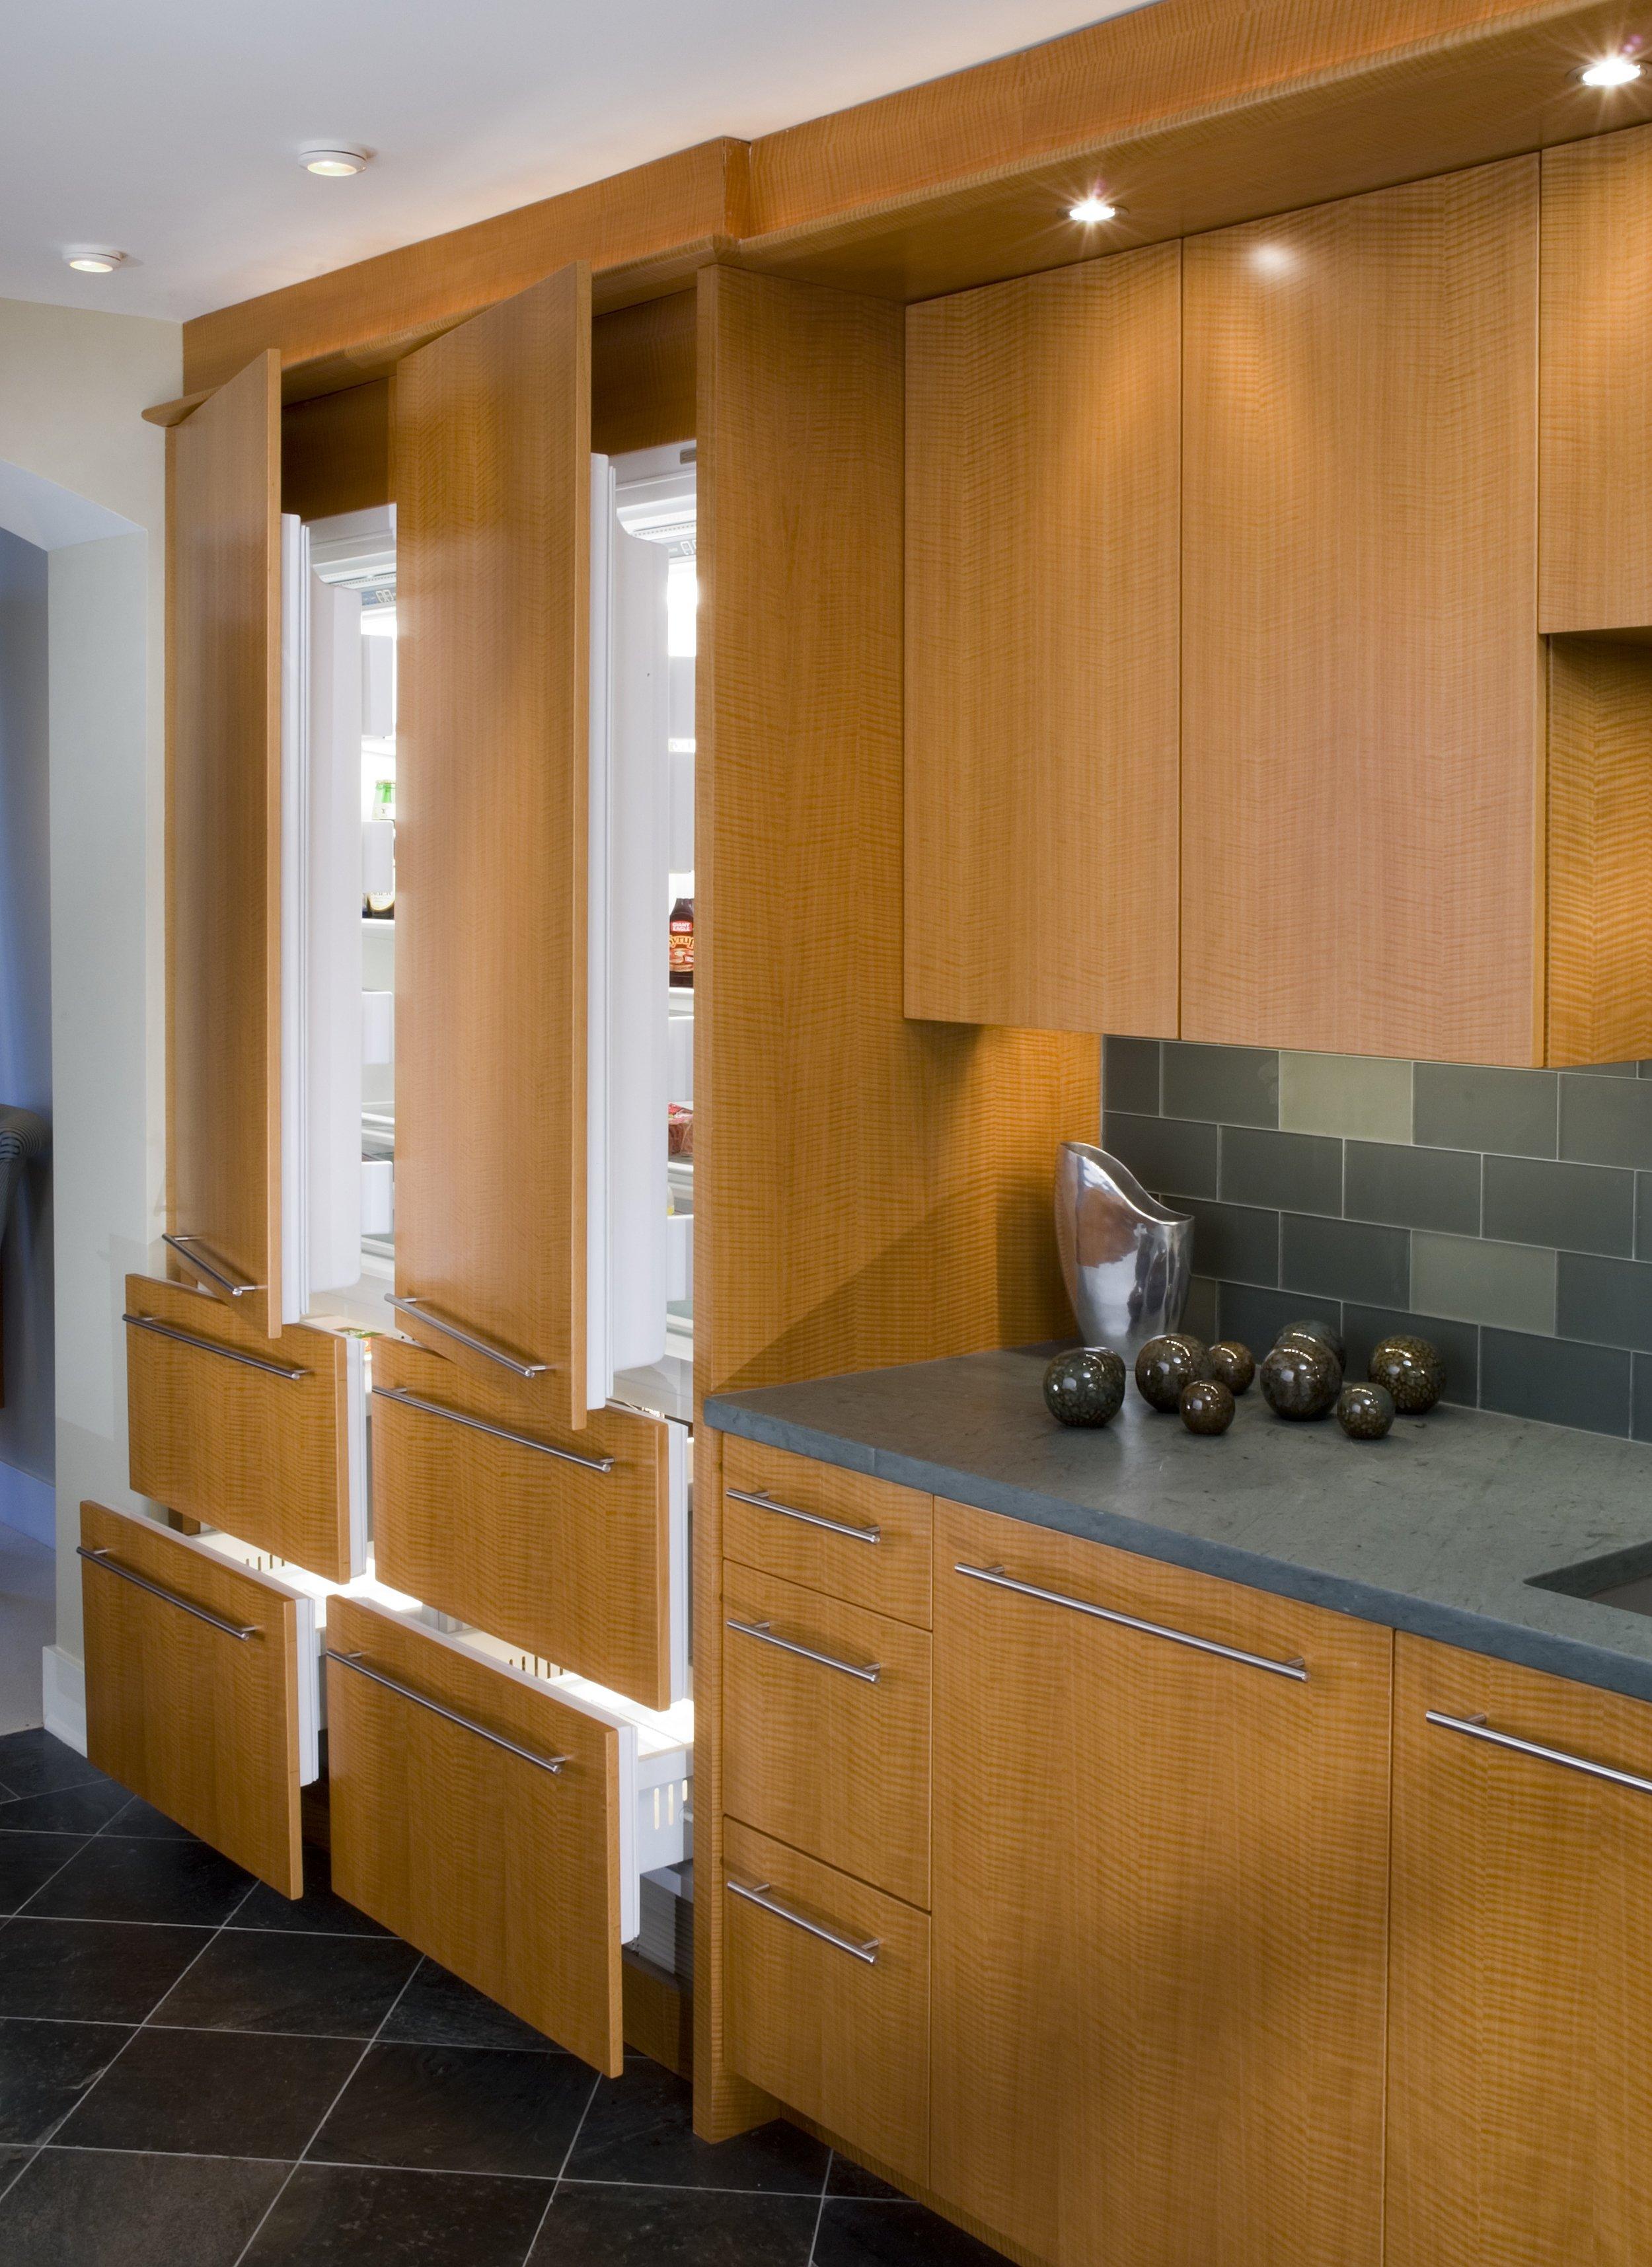 KBC_kitchen_bath_concepts_Kitchen_157.jpg